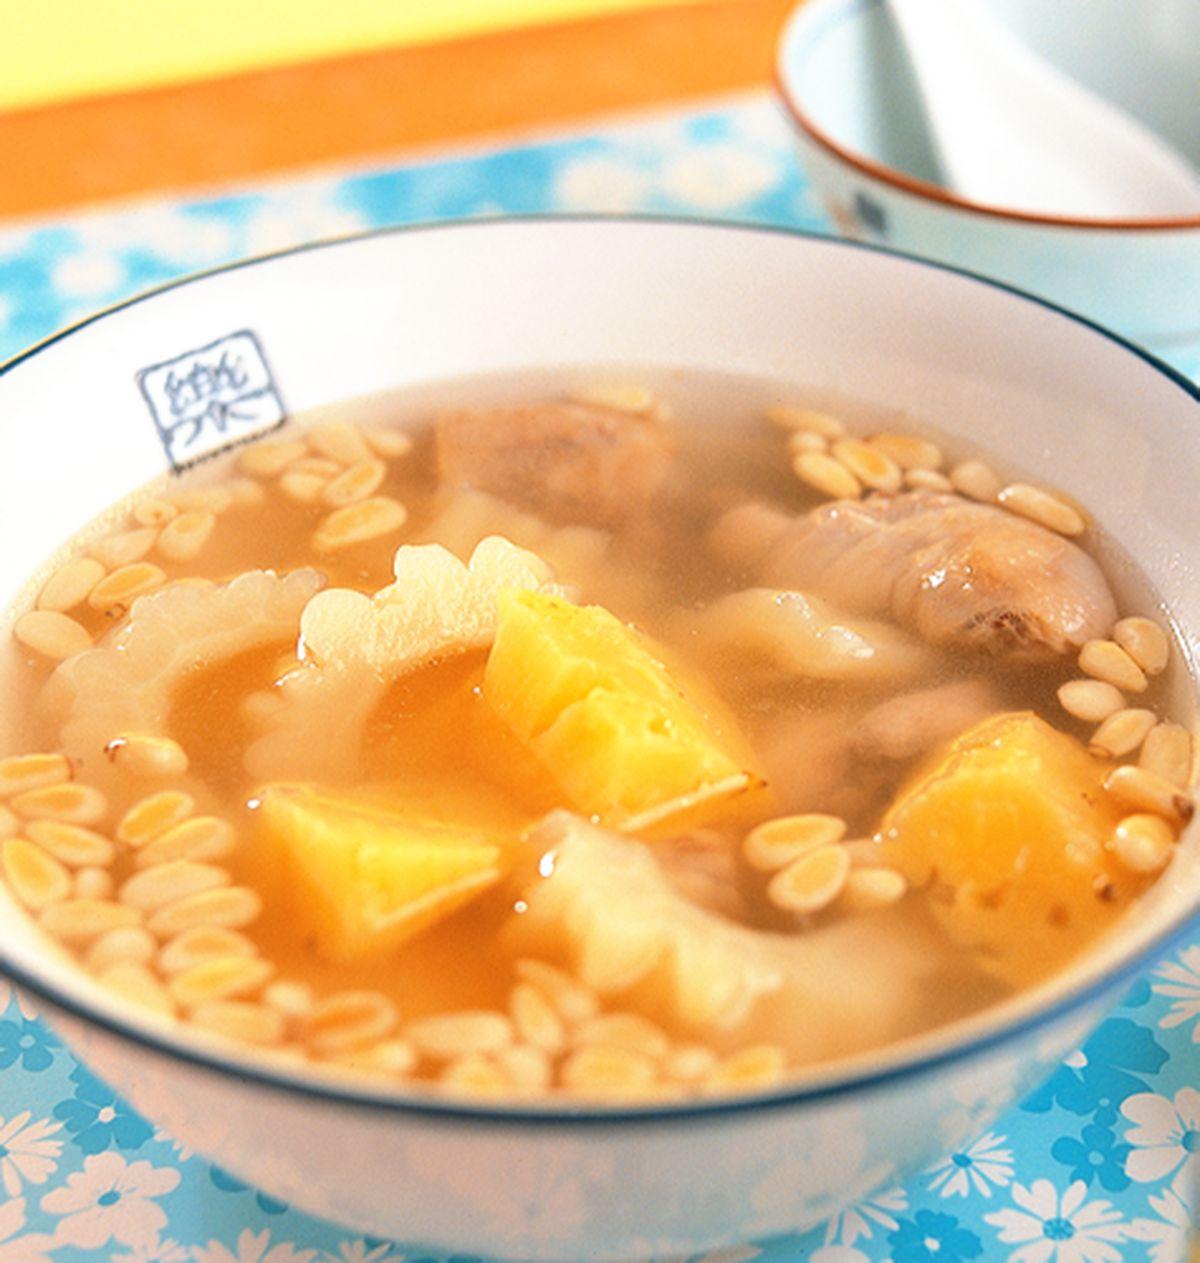 【食譜】鳳梨苦瓜雞(1):www.ytower.com.tw